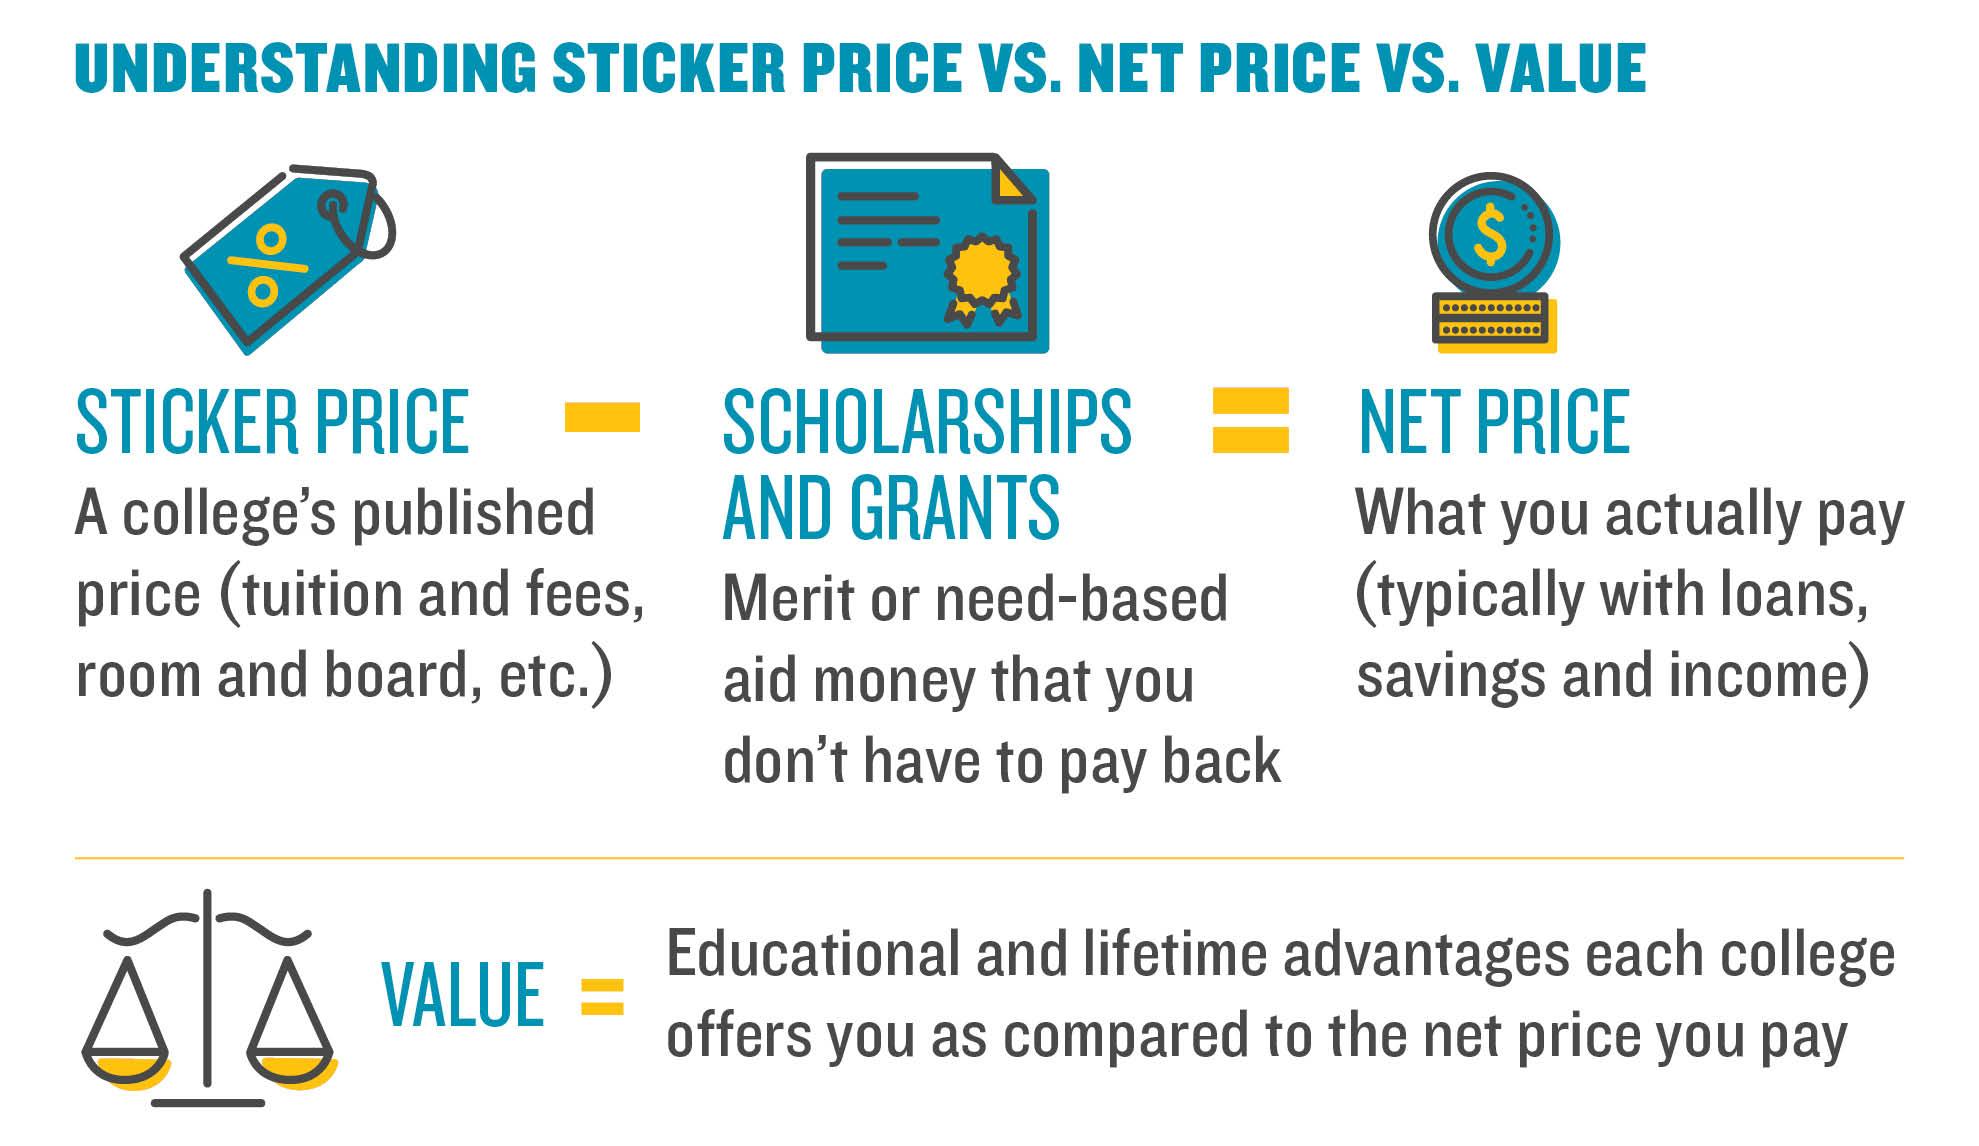 Understanding Sticker Price vs. Net Price vs. Value